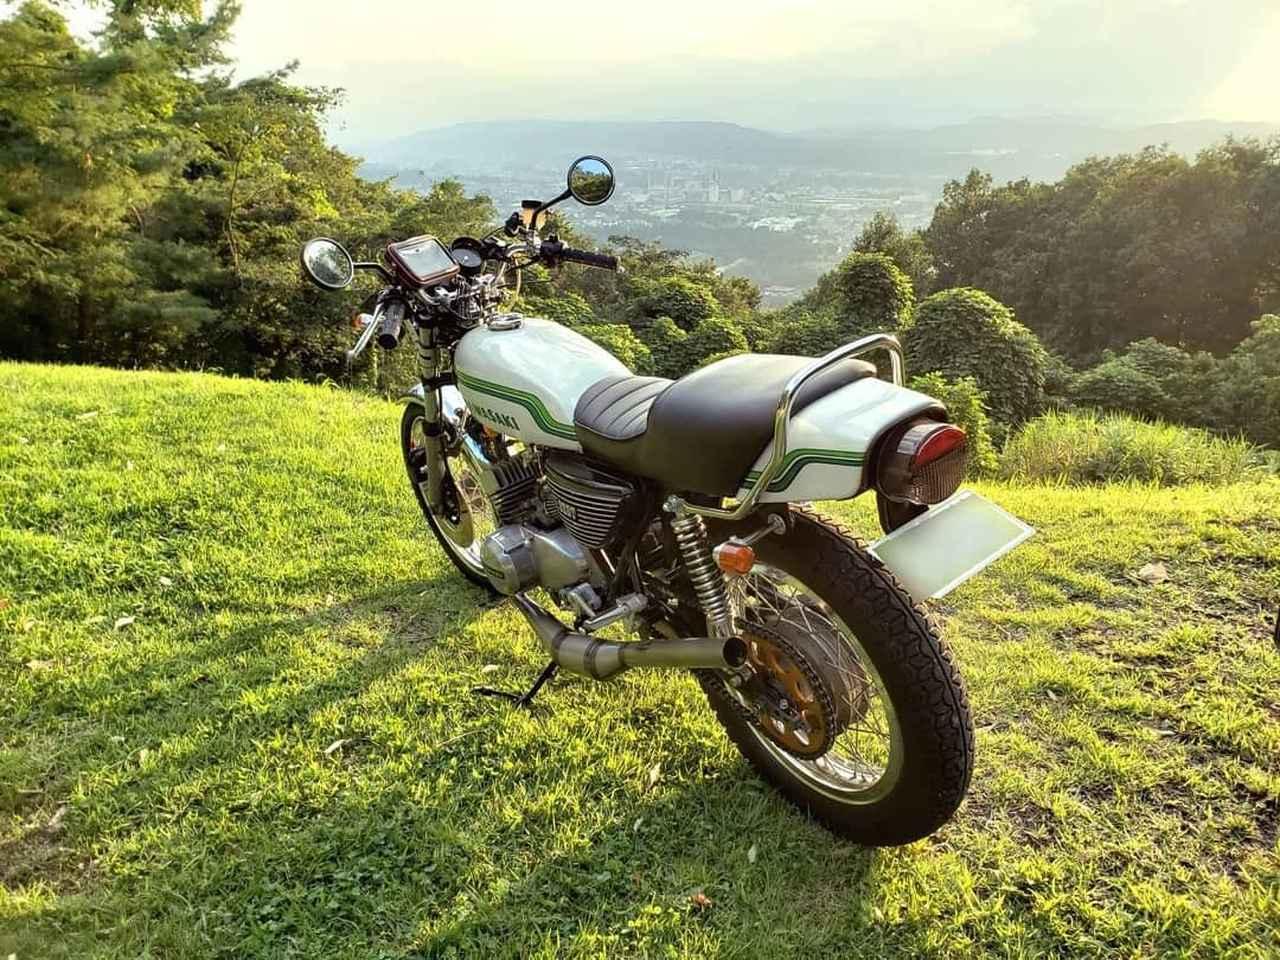 """画像1: gravity of kawasaki on Instagram: """"3本マフラーのビジュアルが特徴的な、カワサキ KH250で山道をツーリングするのはとても気持ちが良さそうですね。 製造から40年以上経過しているにも関わらず人気は根強く、ヴィンテージバイクの代表格と言っても過言ではありません! ・ こちらの素敵なお写真を撮影された…"""" www.instagram.com"""